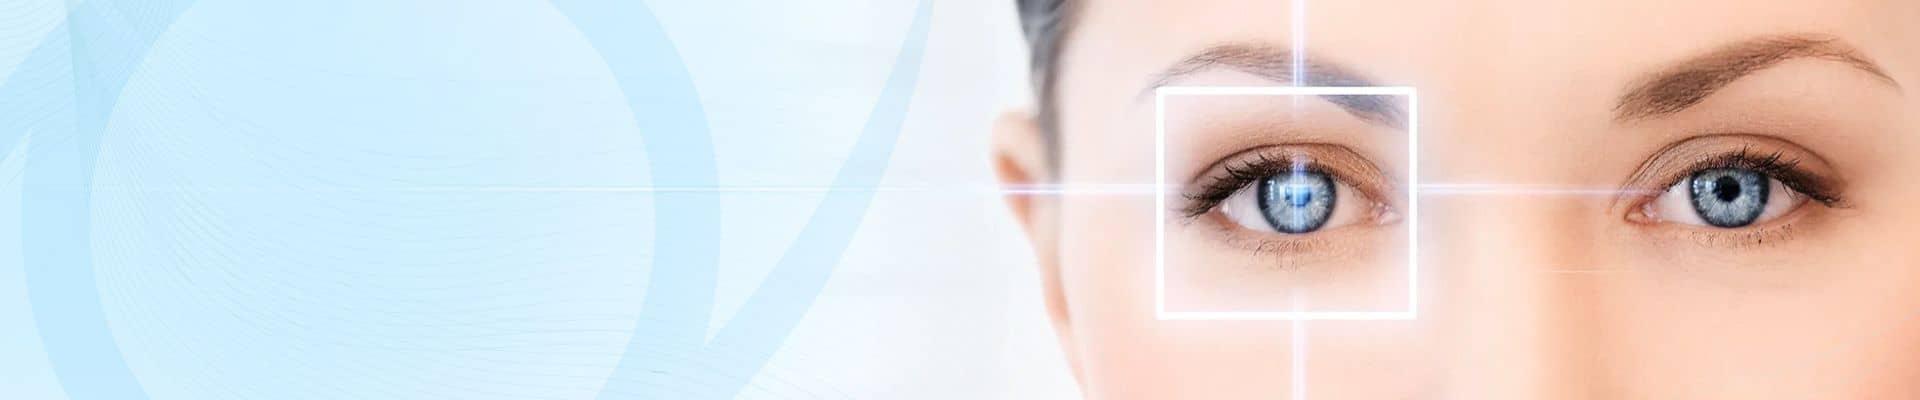 orvos kezeli a látást hogyan látják az emberek látássérültekkel